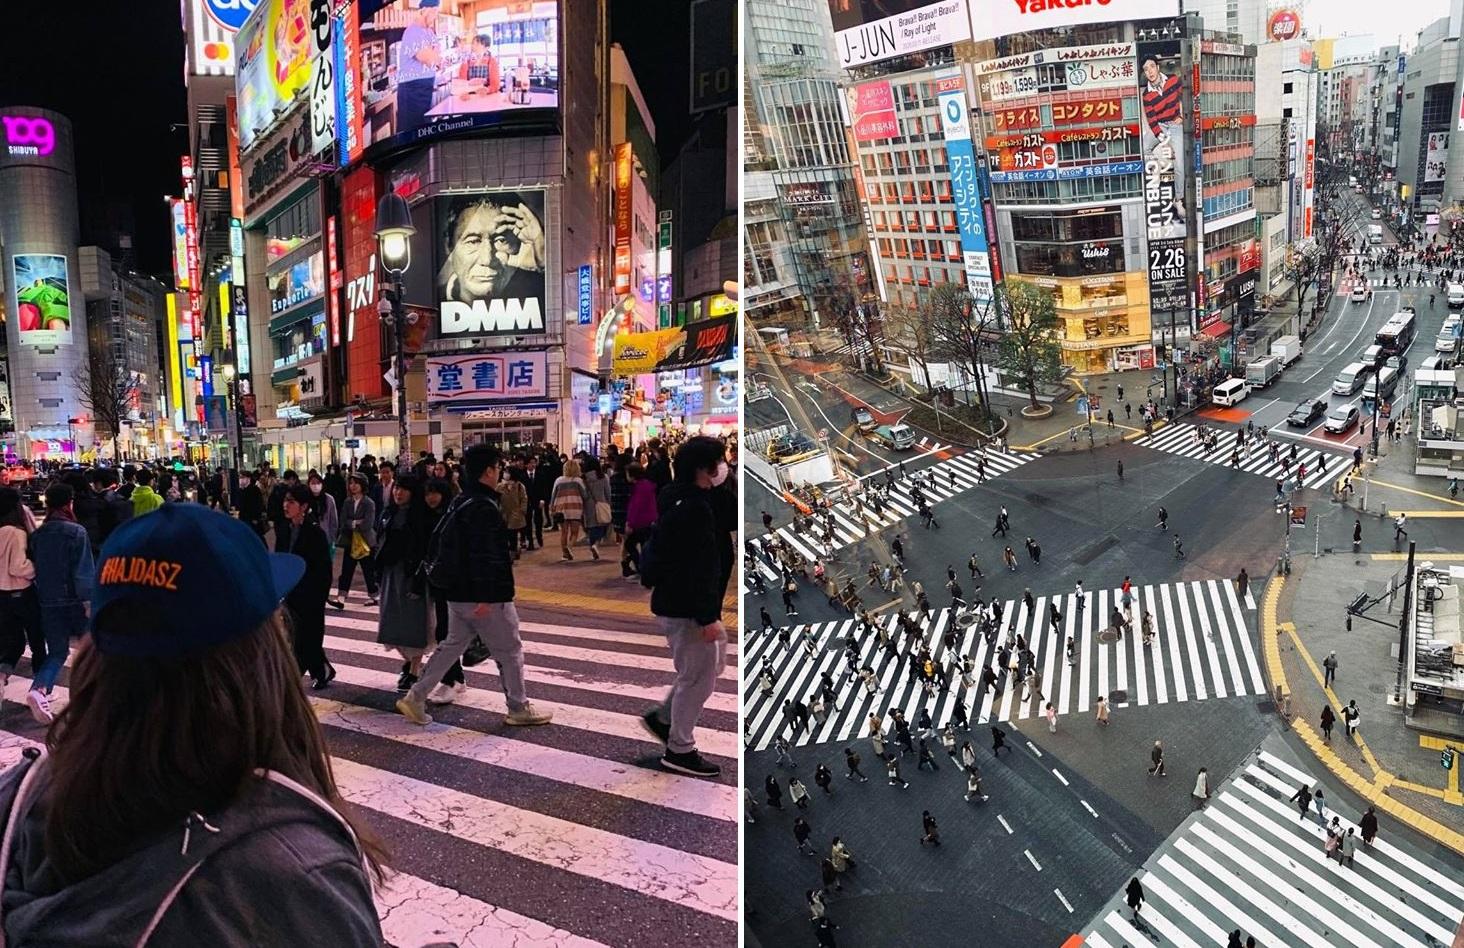 Hajdasz Shibuya